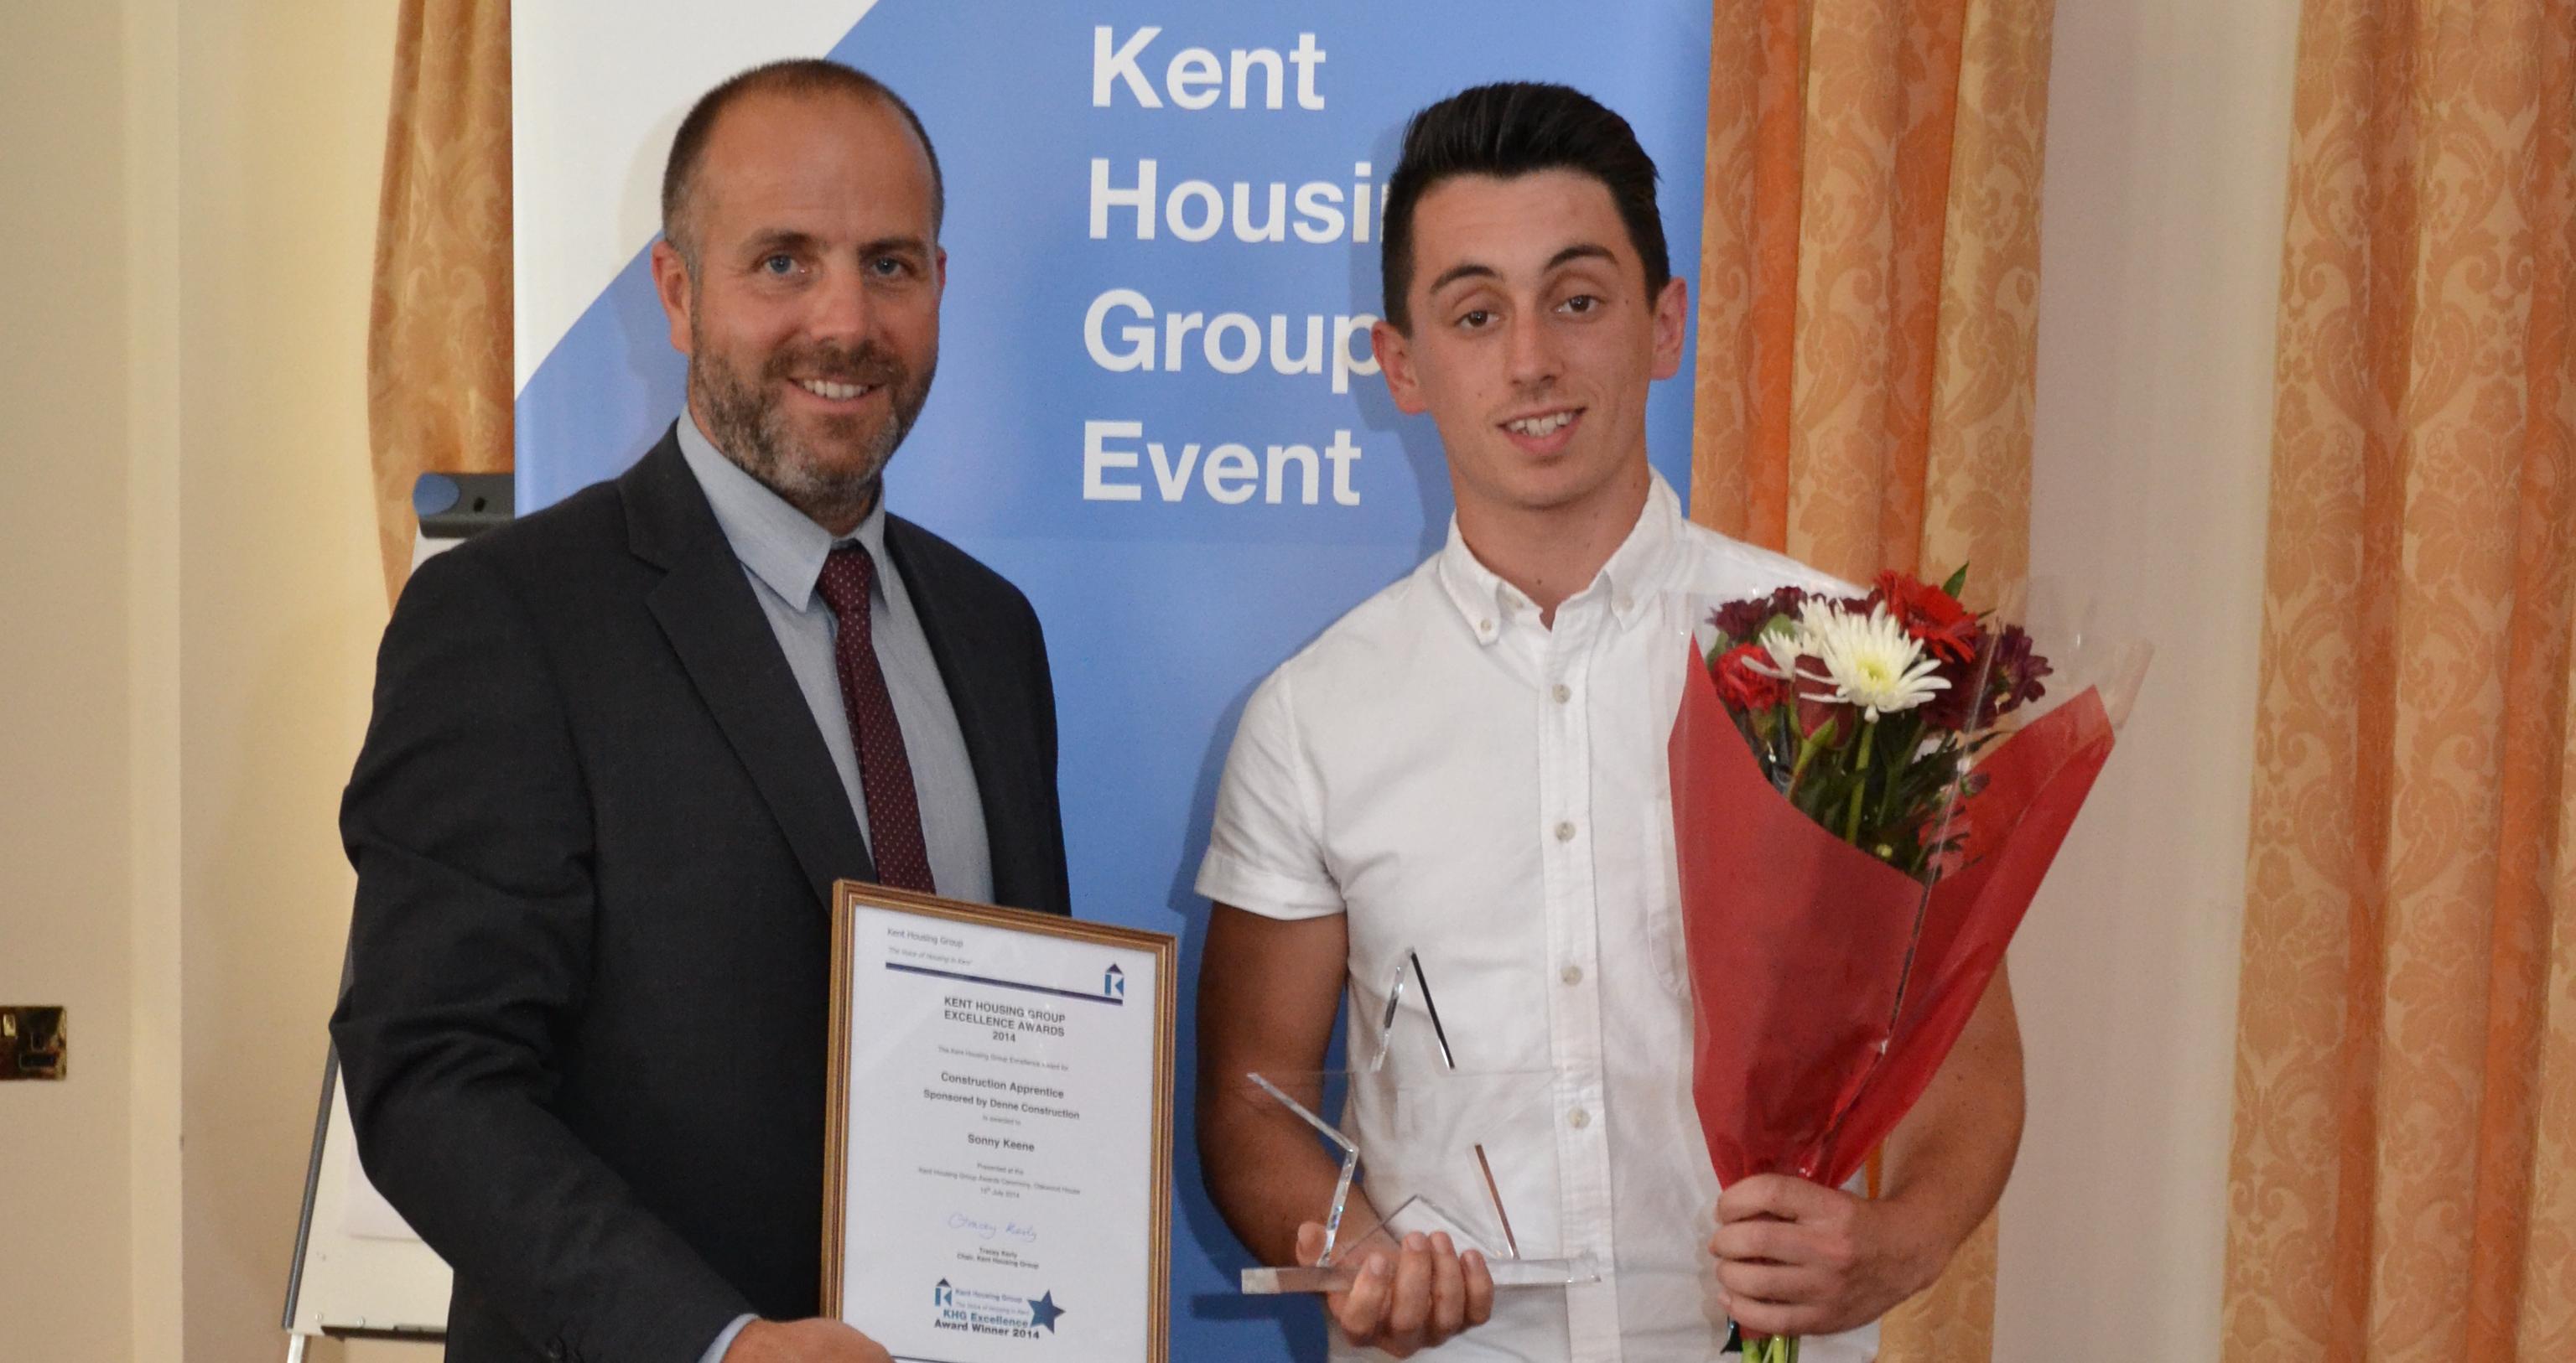 Sonny Keene KHG award